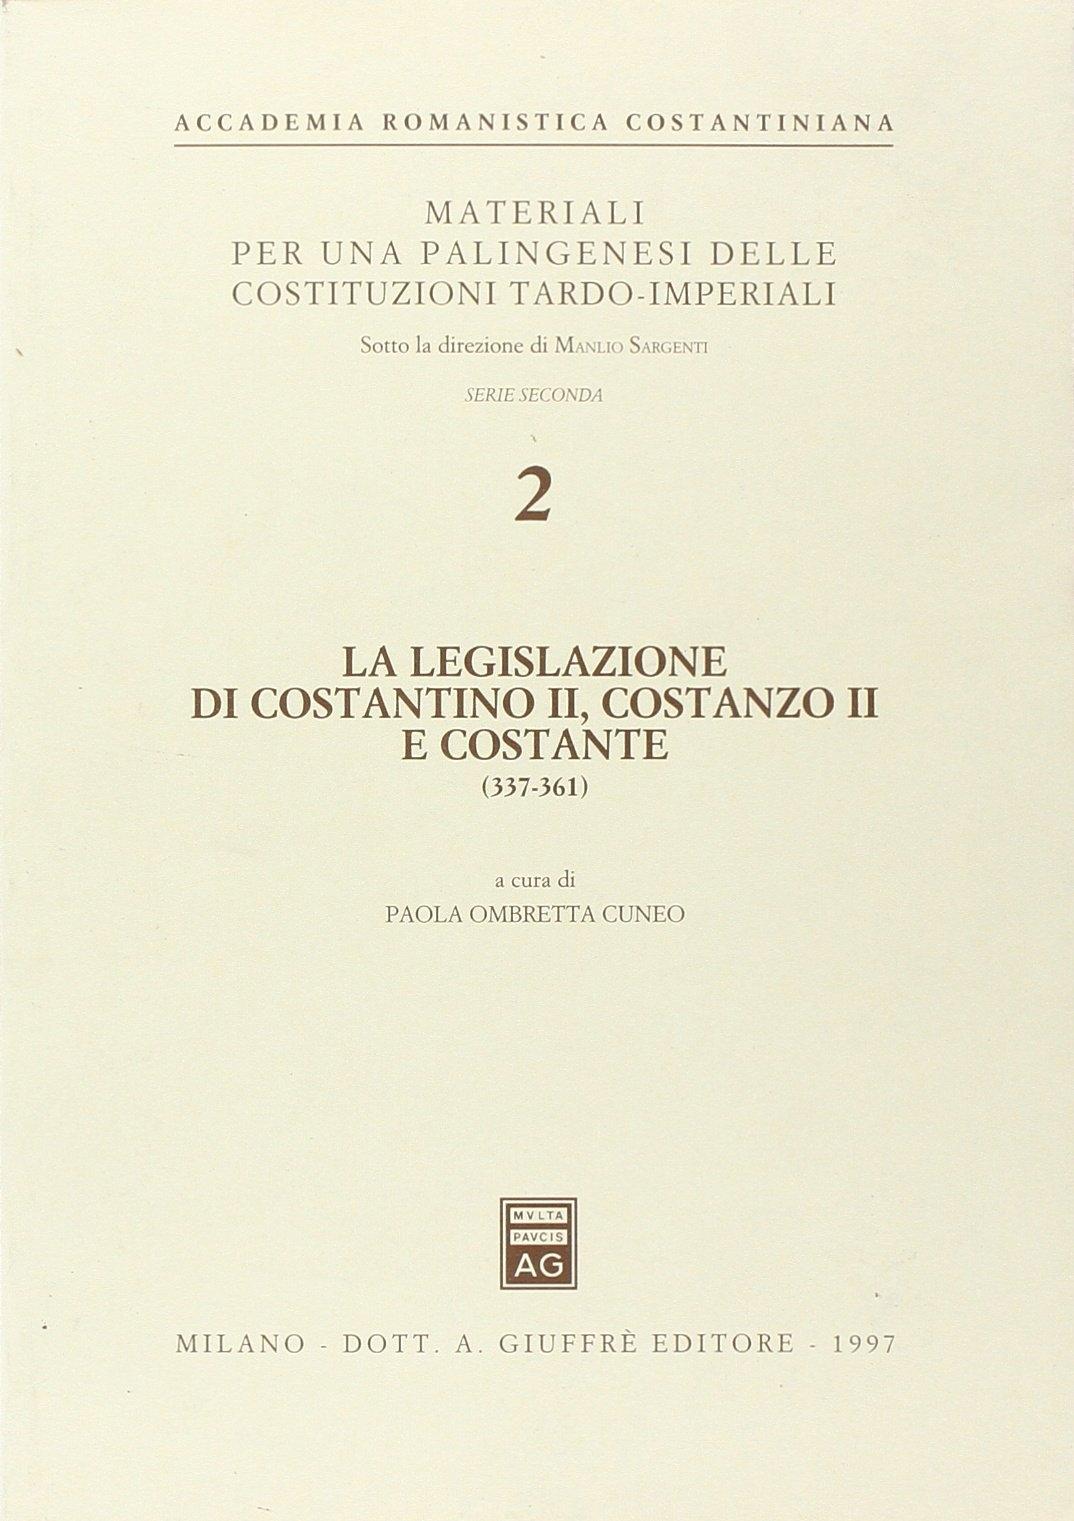 La legislazione di Costantino II, Costanzo II e Costante (337-361)